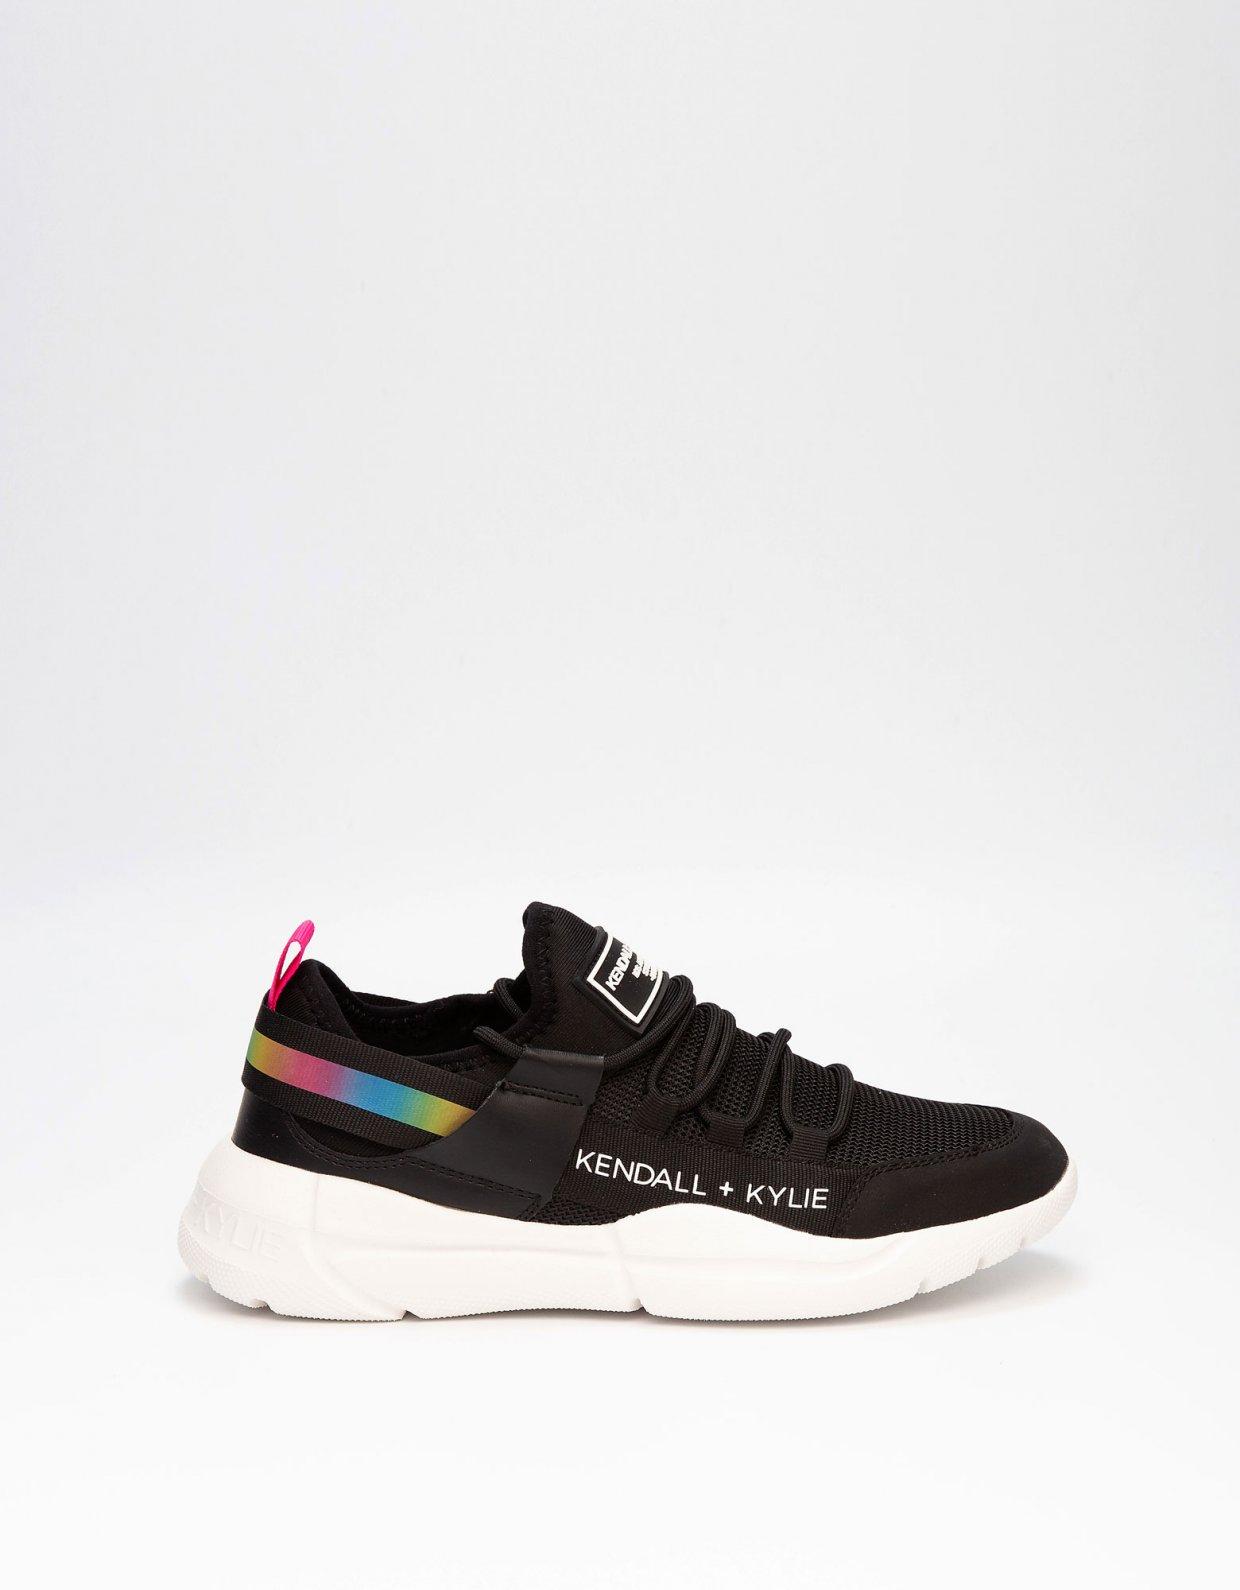 Kendall + Kylie KK Neci sneakers black